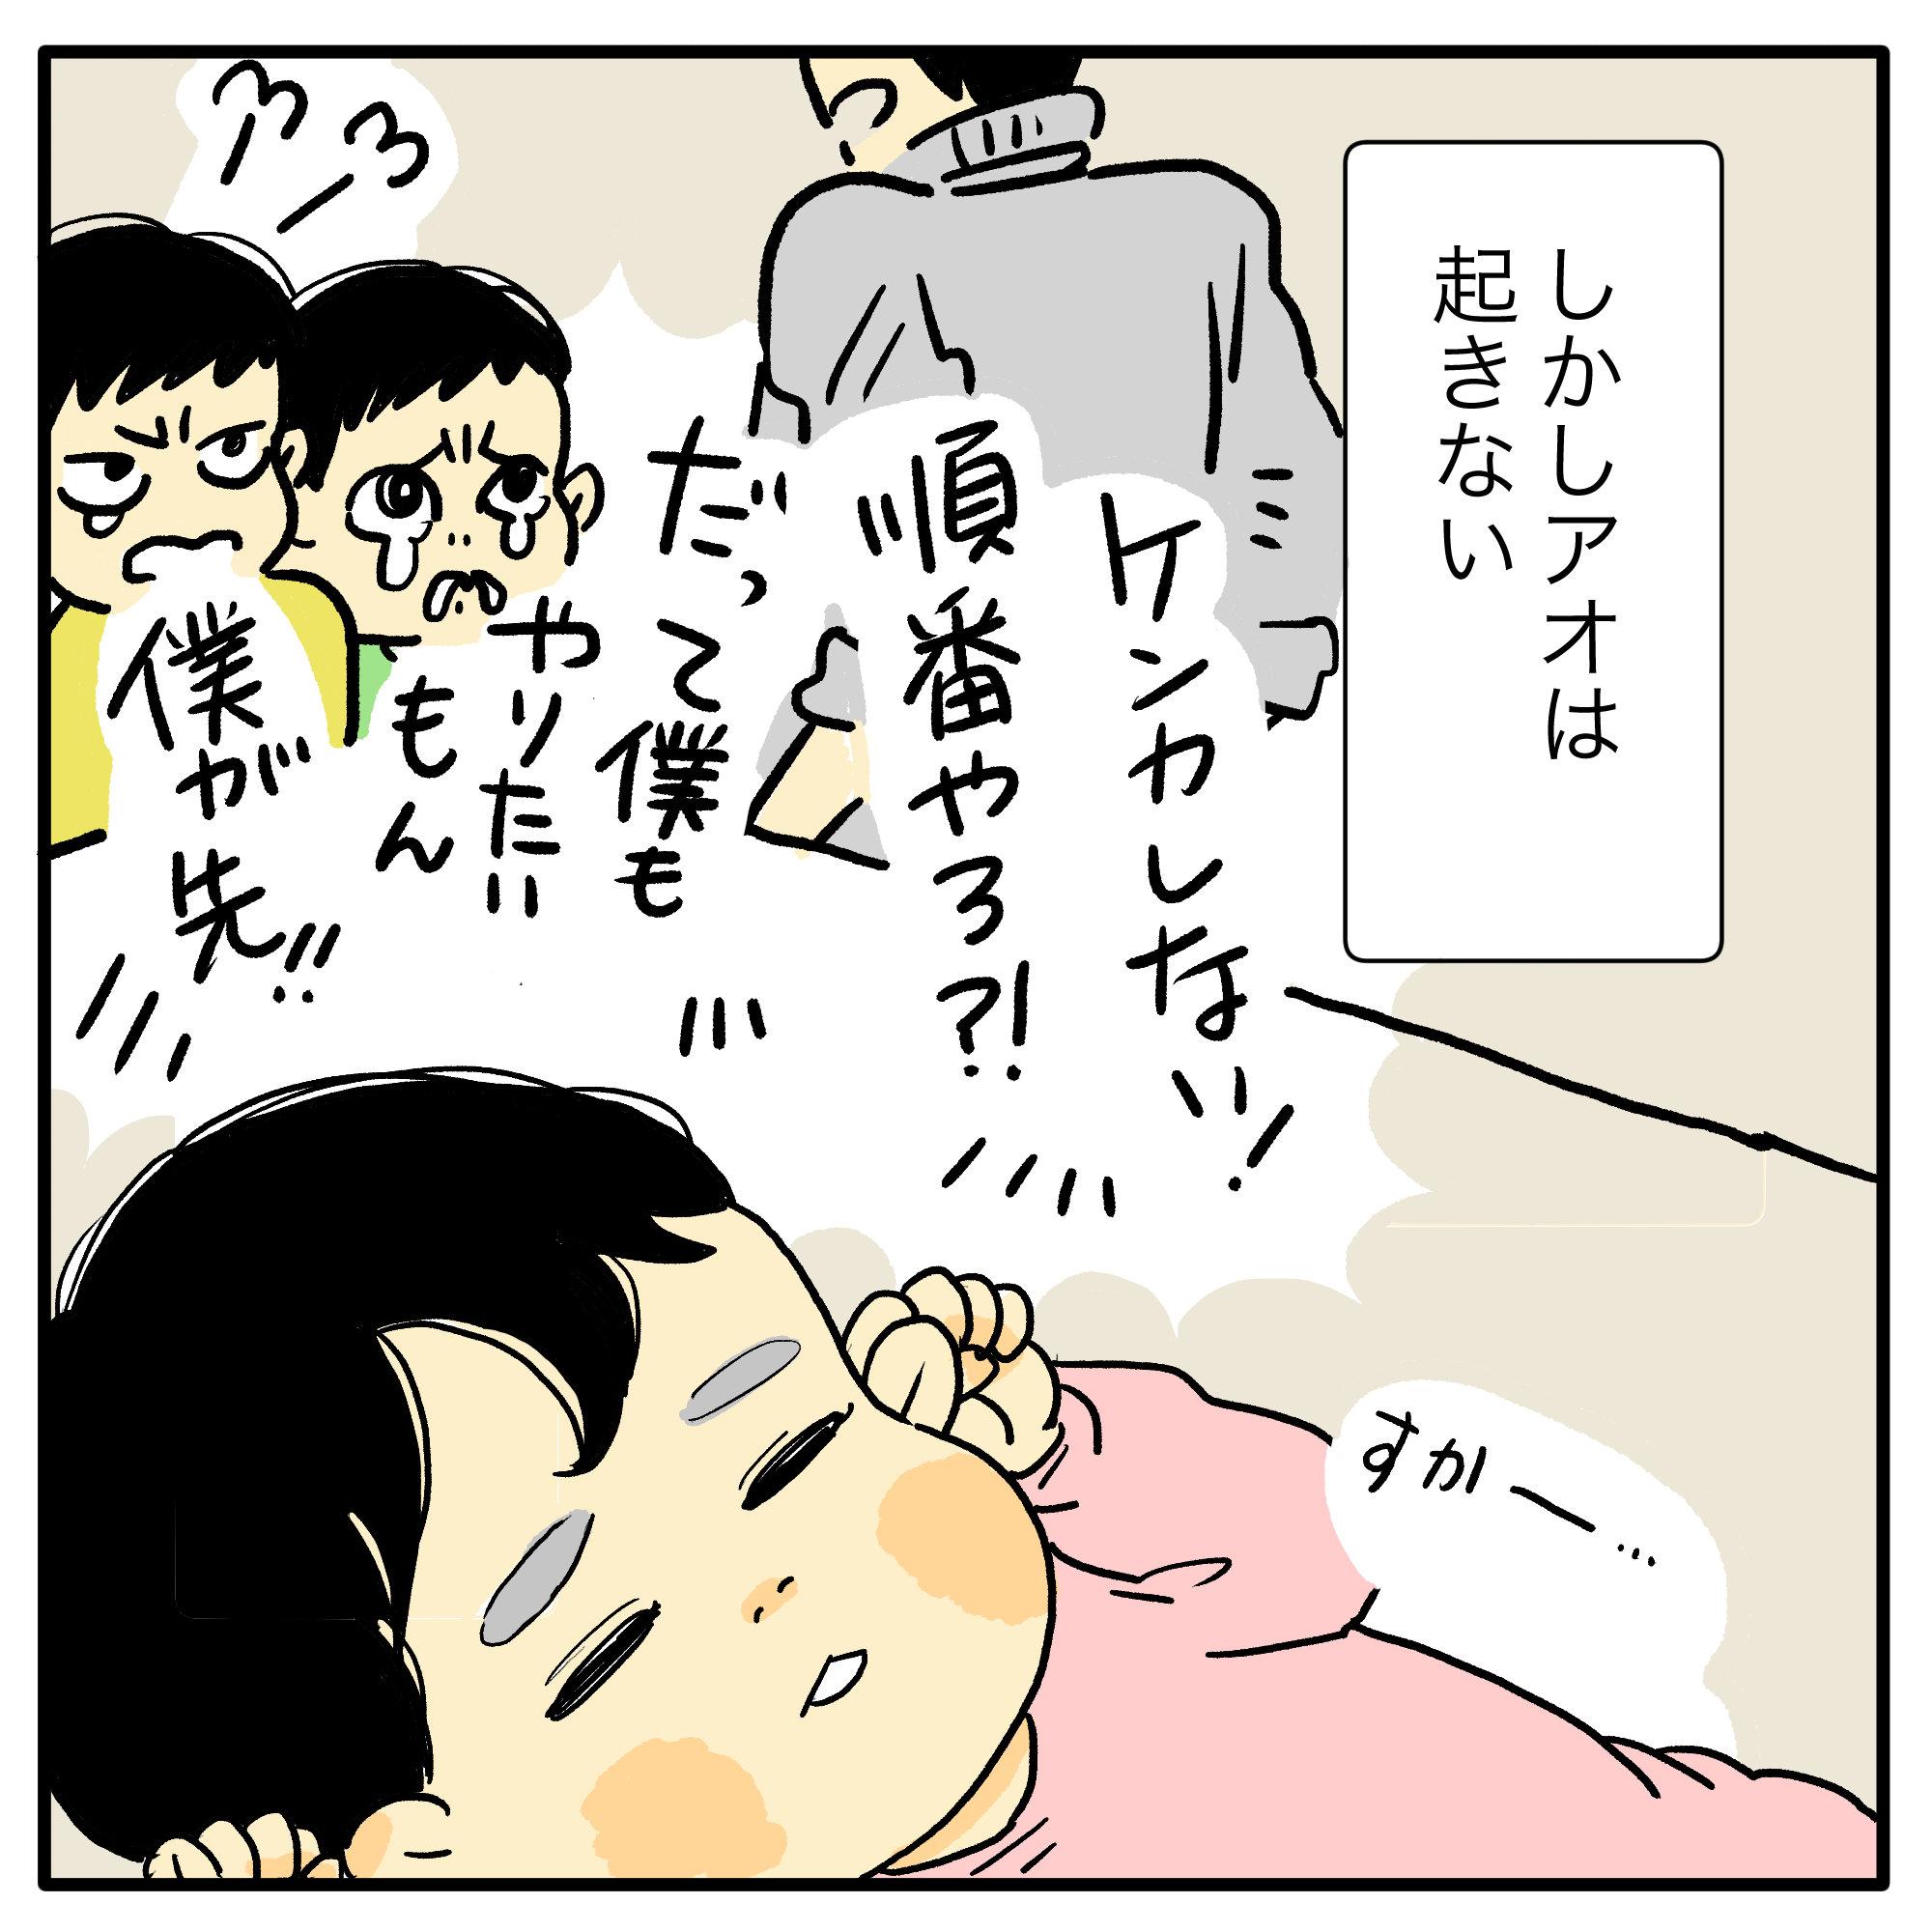 ツルリンゴスターの毎日はなまる #2「寝る子は育つ」